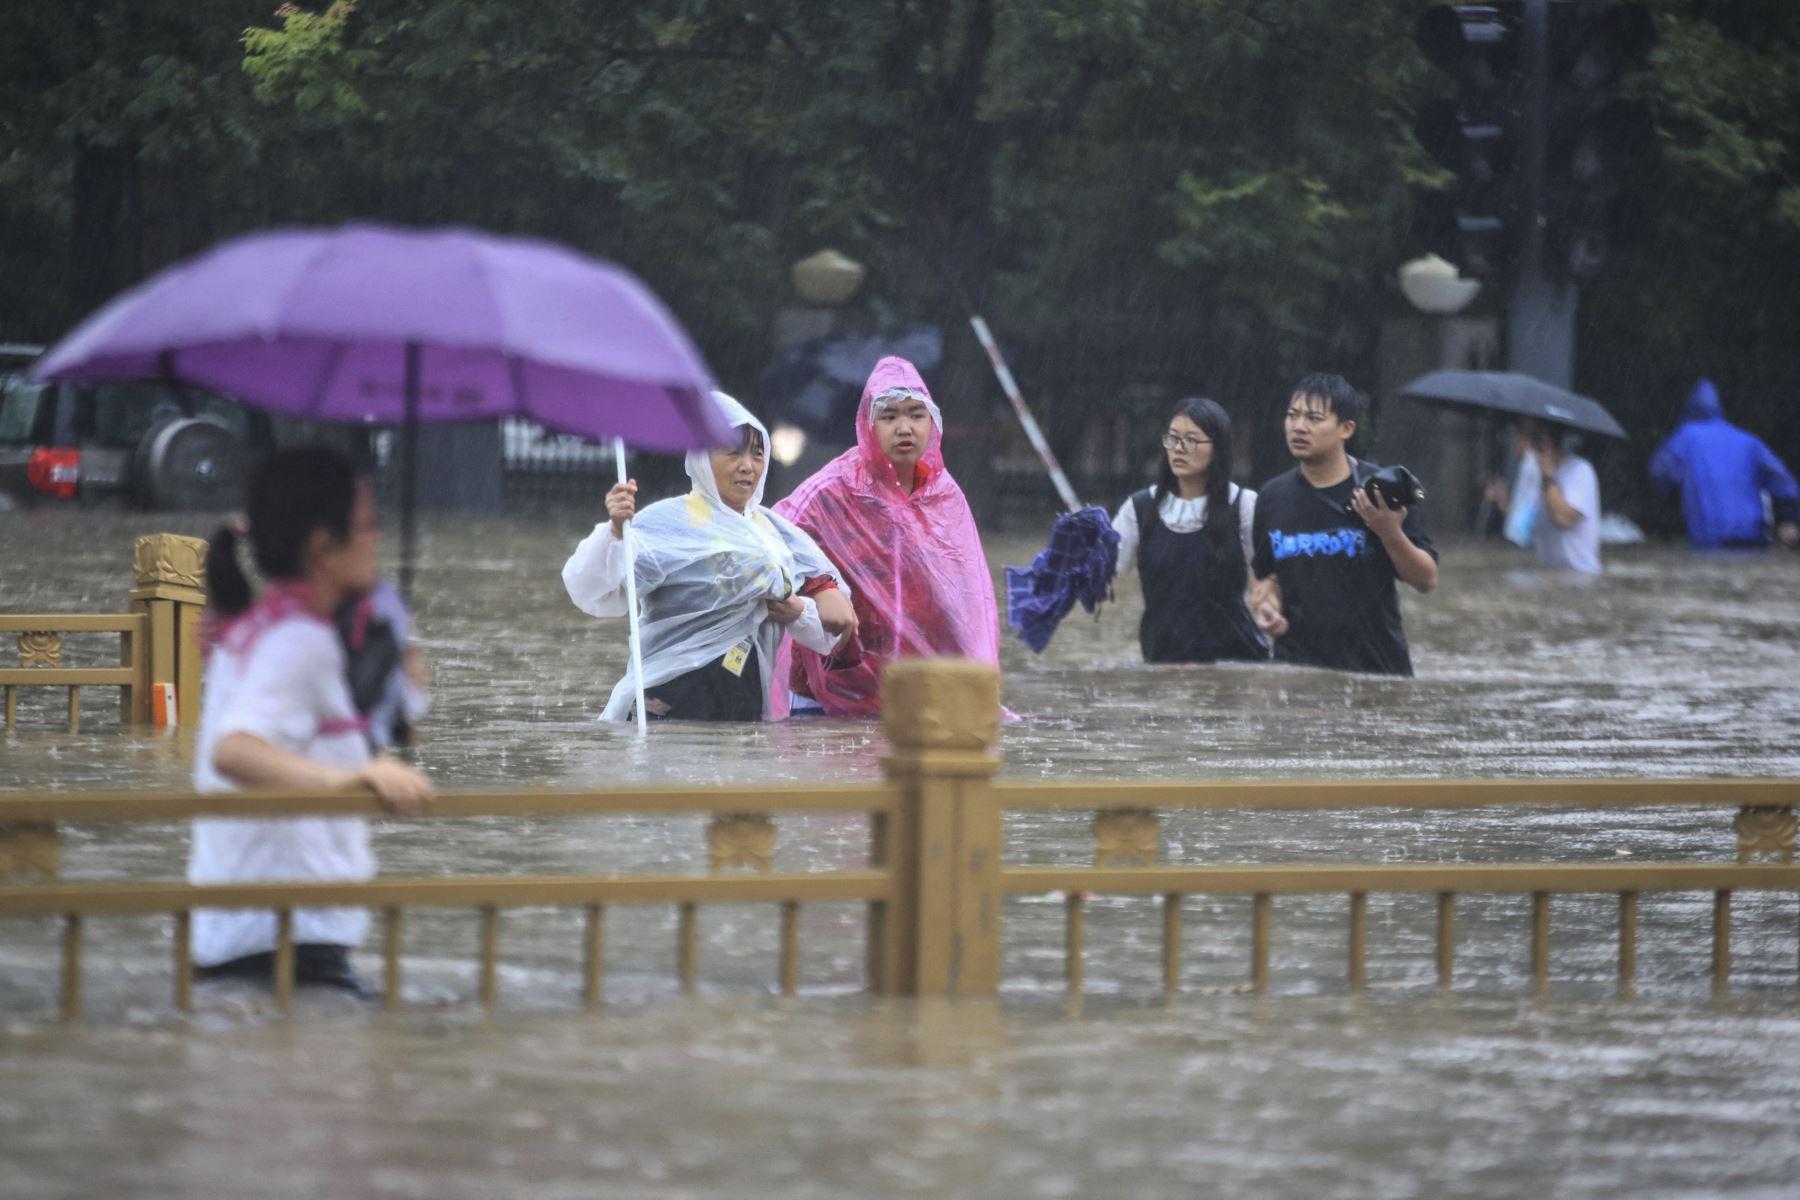 Un grupo de personas trata de cruzar una vía completamente inundada en Zhengzhou por las fuertes lluvias, en la provincia de Henan, en China. Foto: AFP